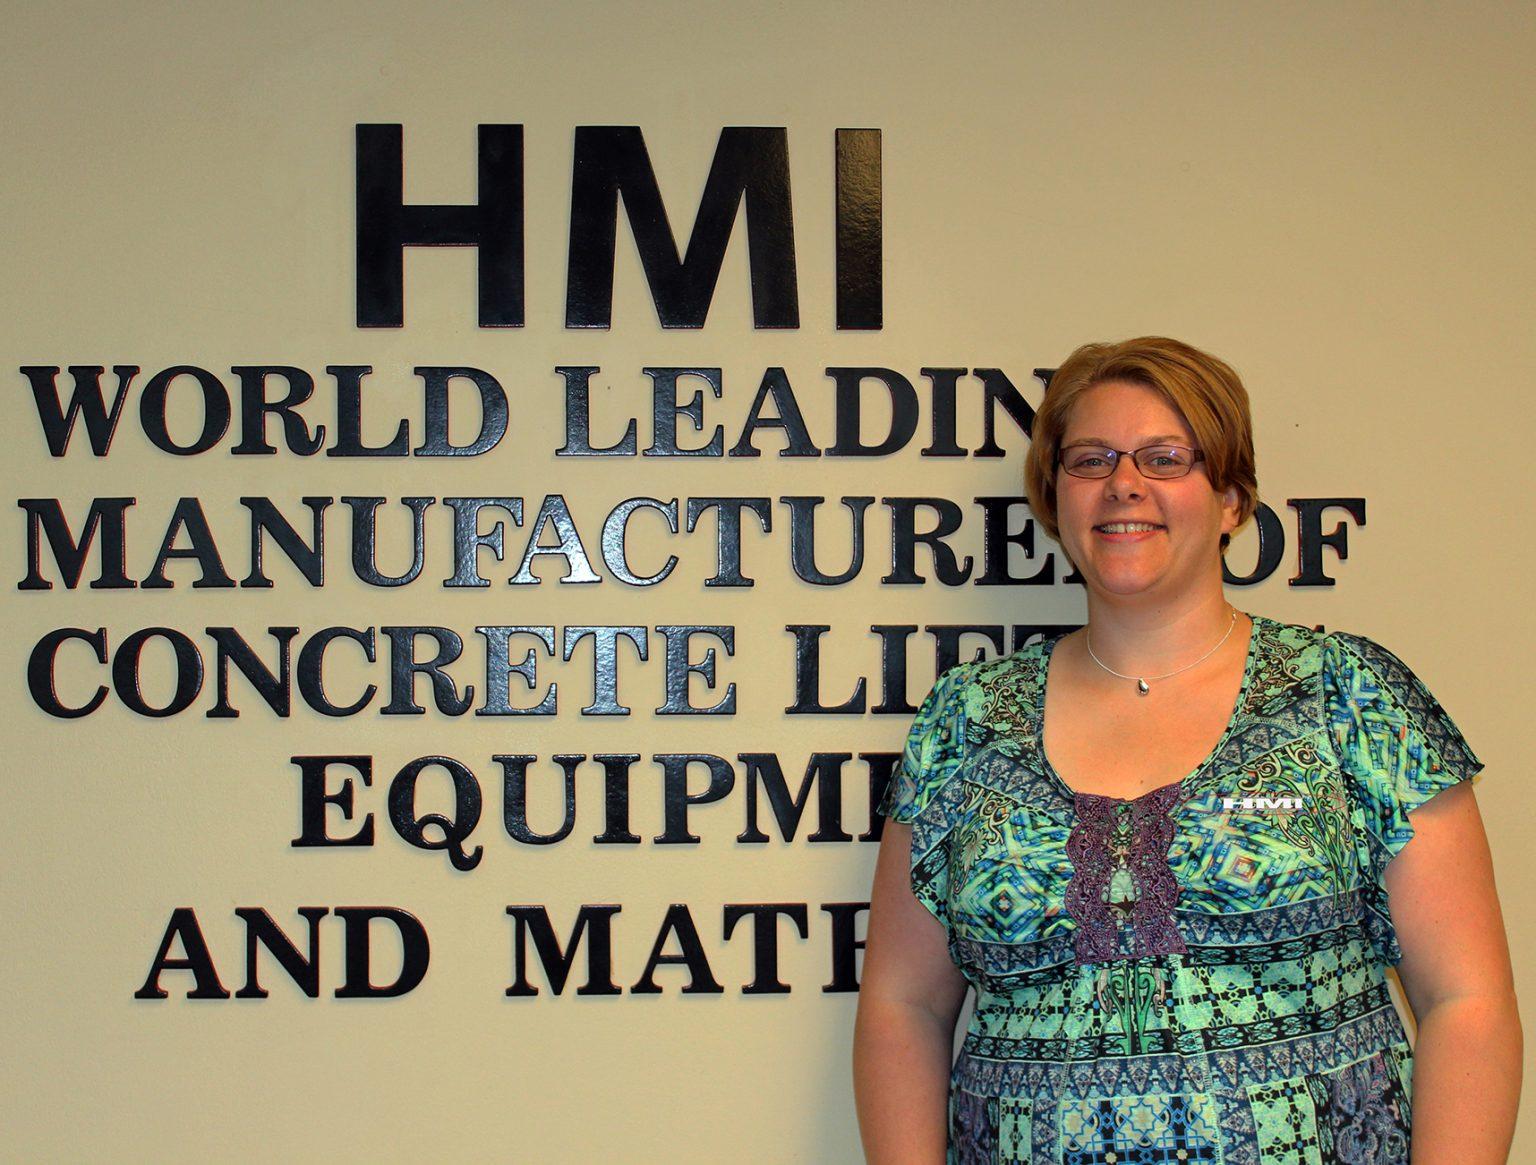 Jen Mazur-HMI Sales & Service Manager